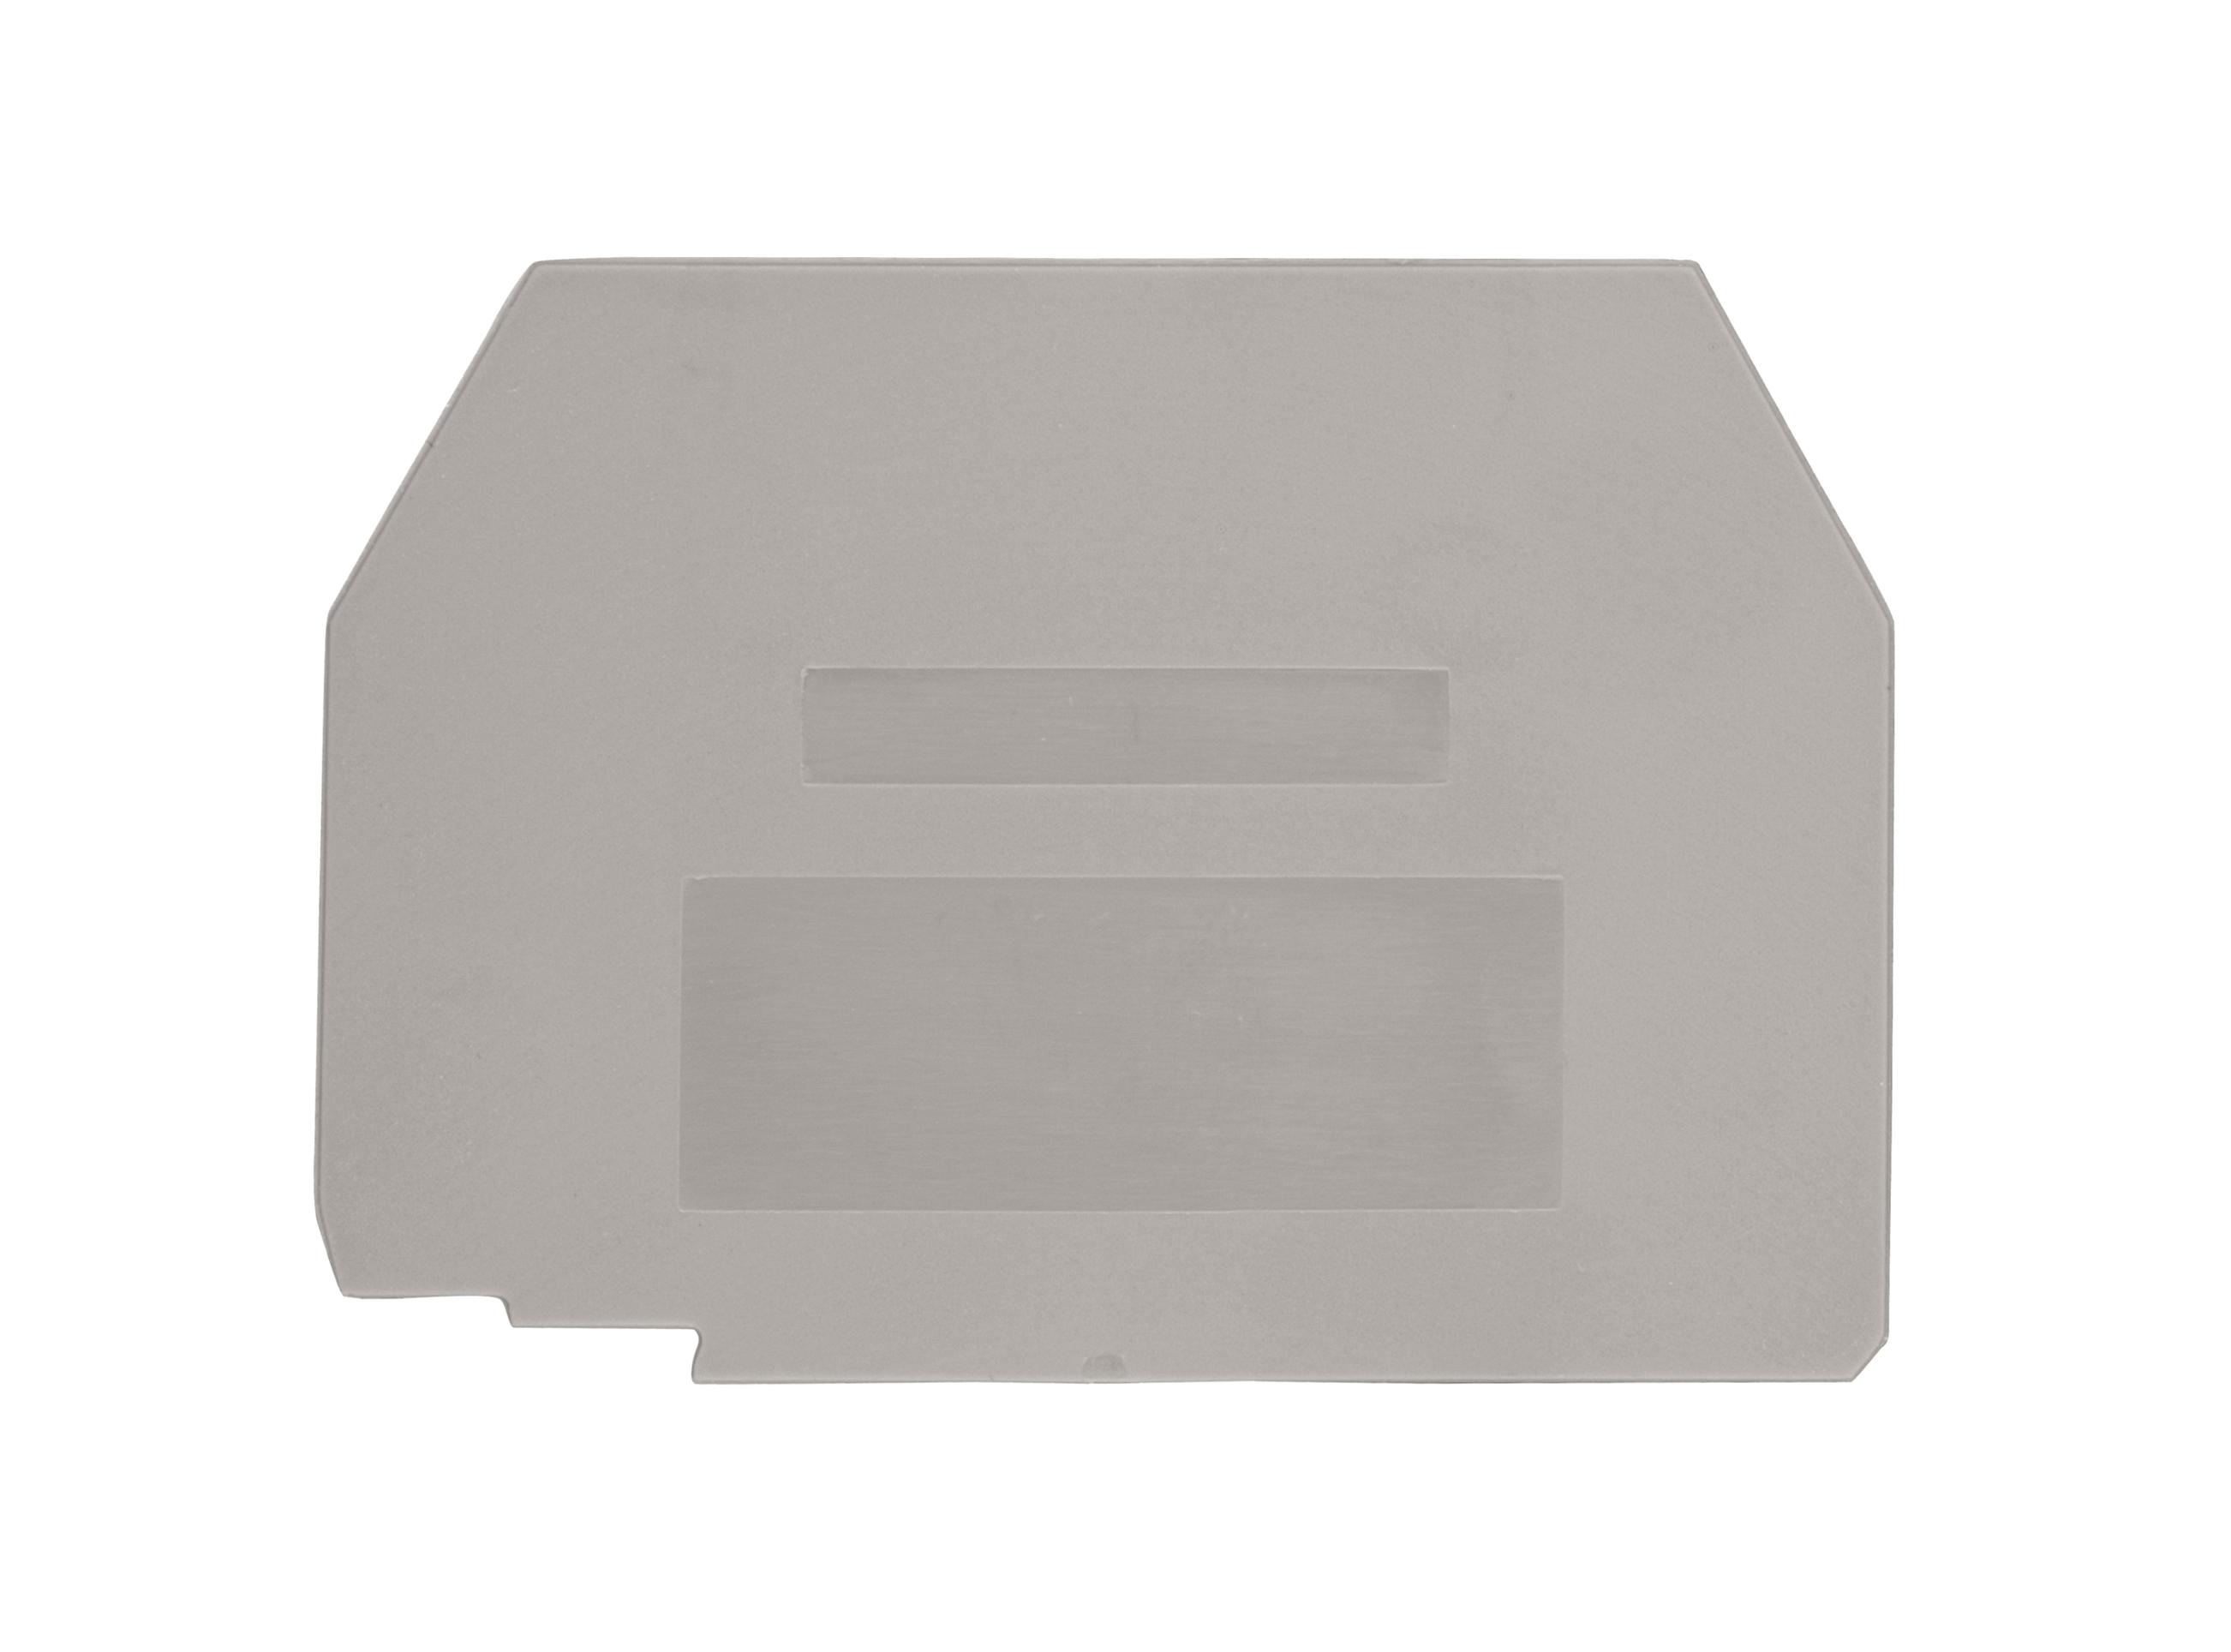 1 Stk Endplatte für Klemme Type ASK3 IK631202--